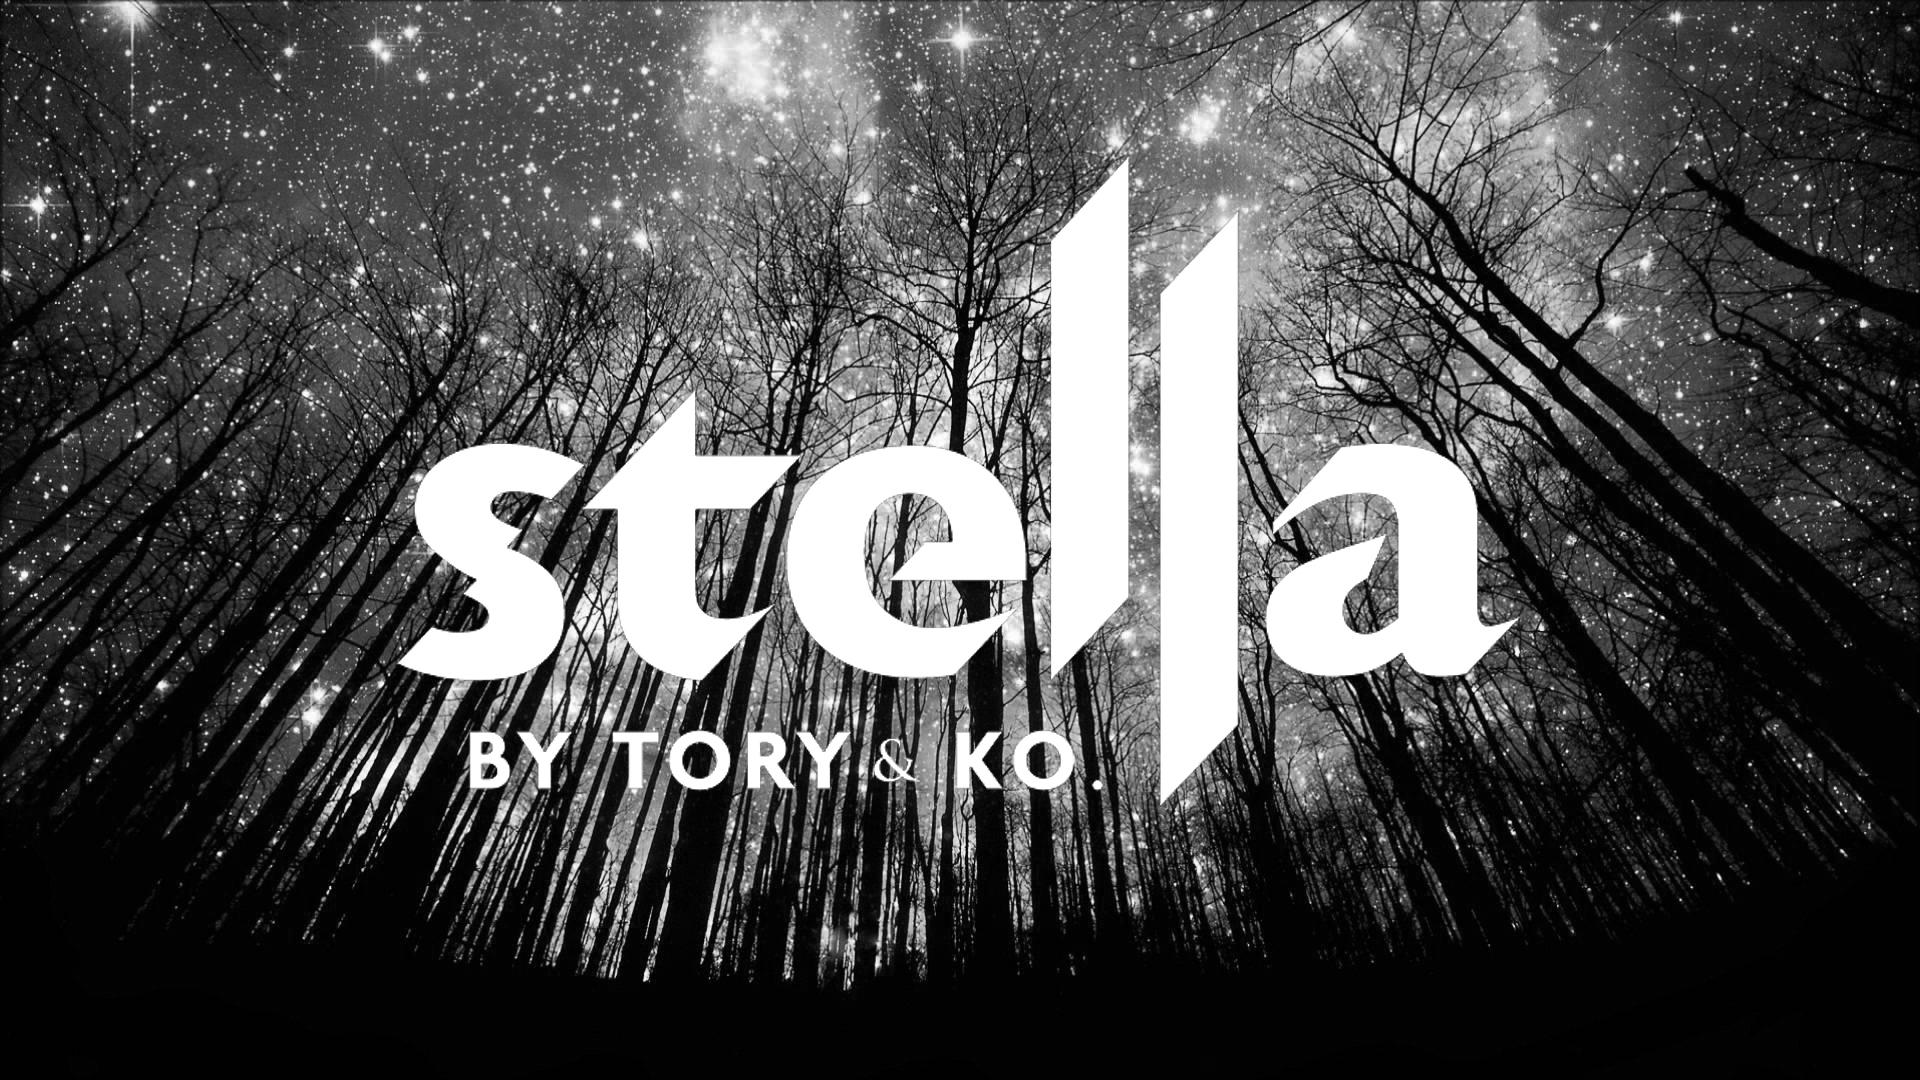 Stella by TORY & KO.